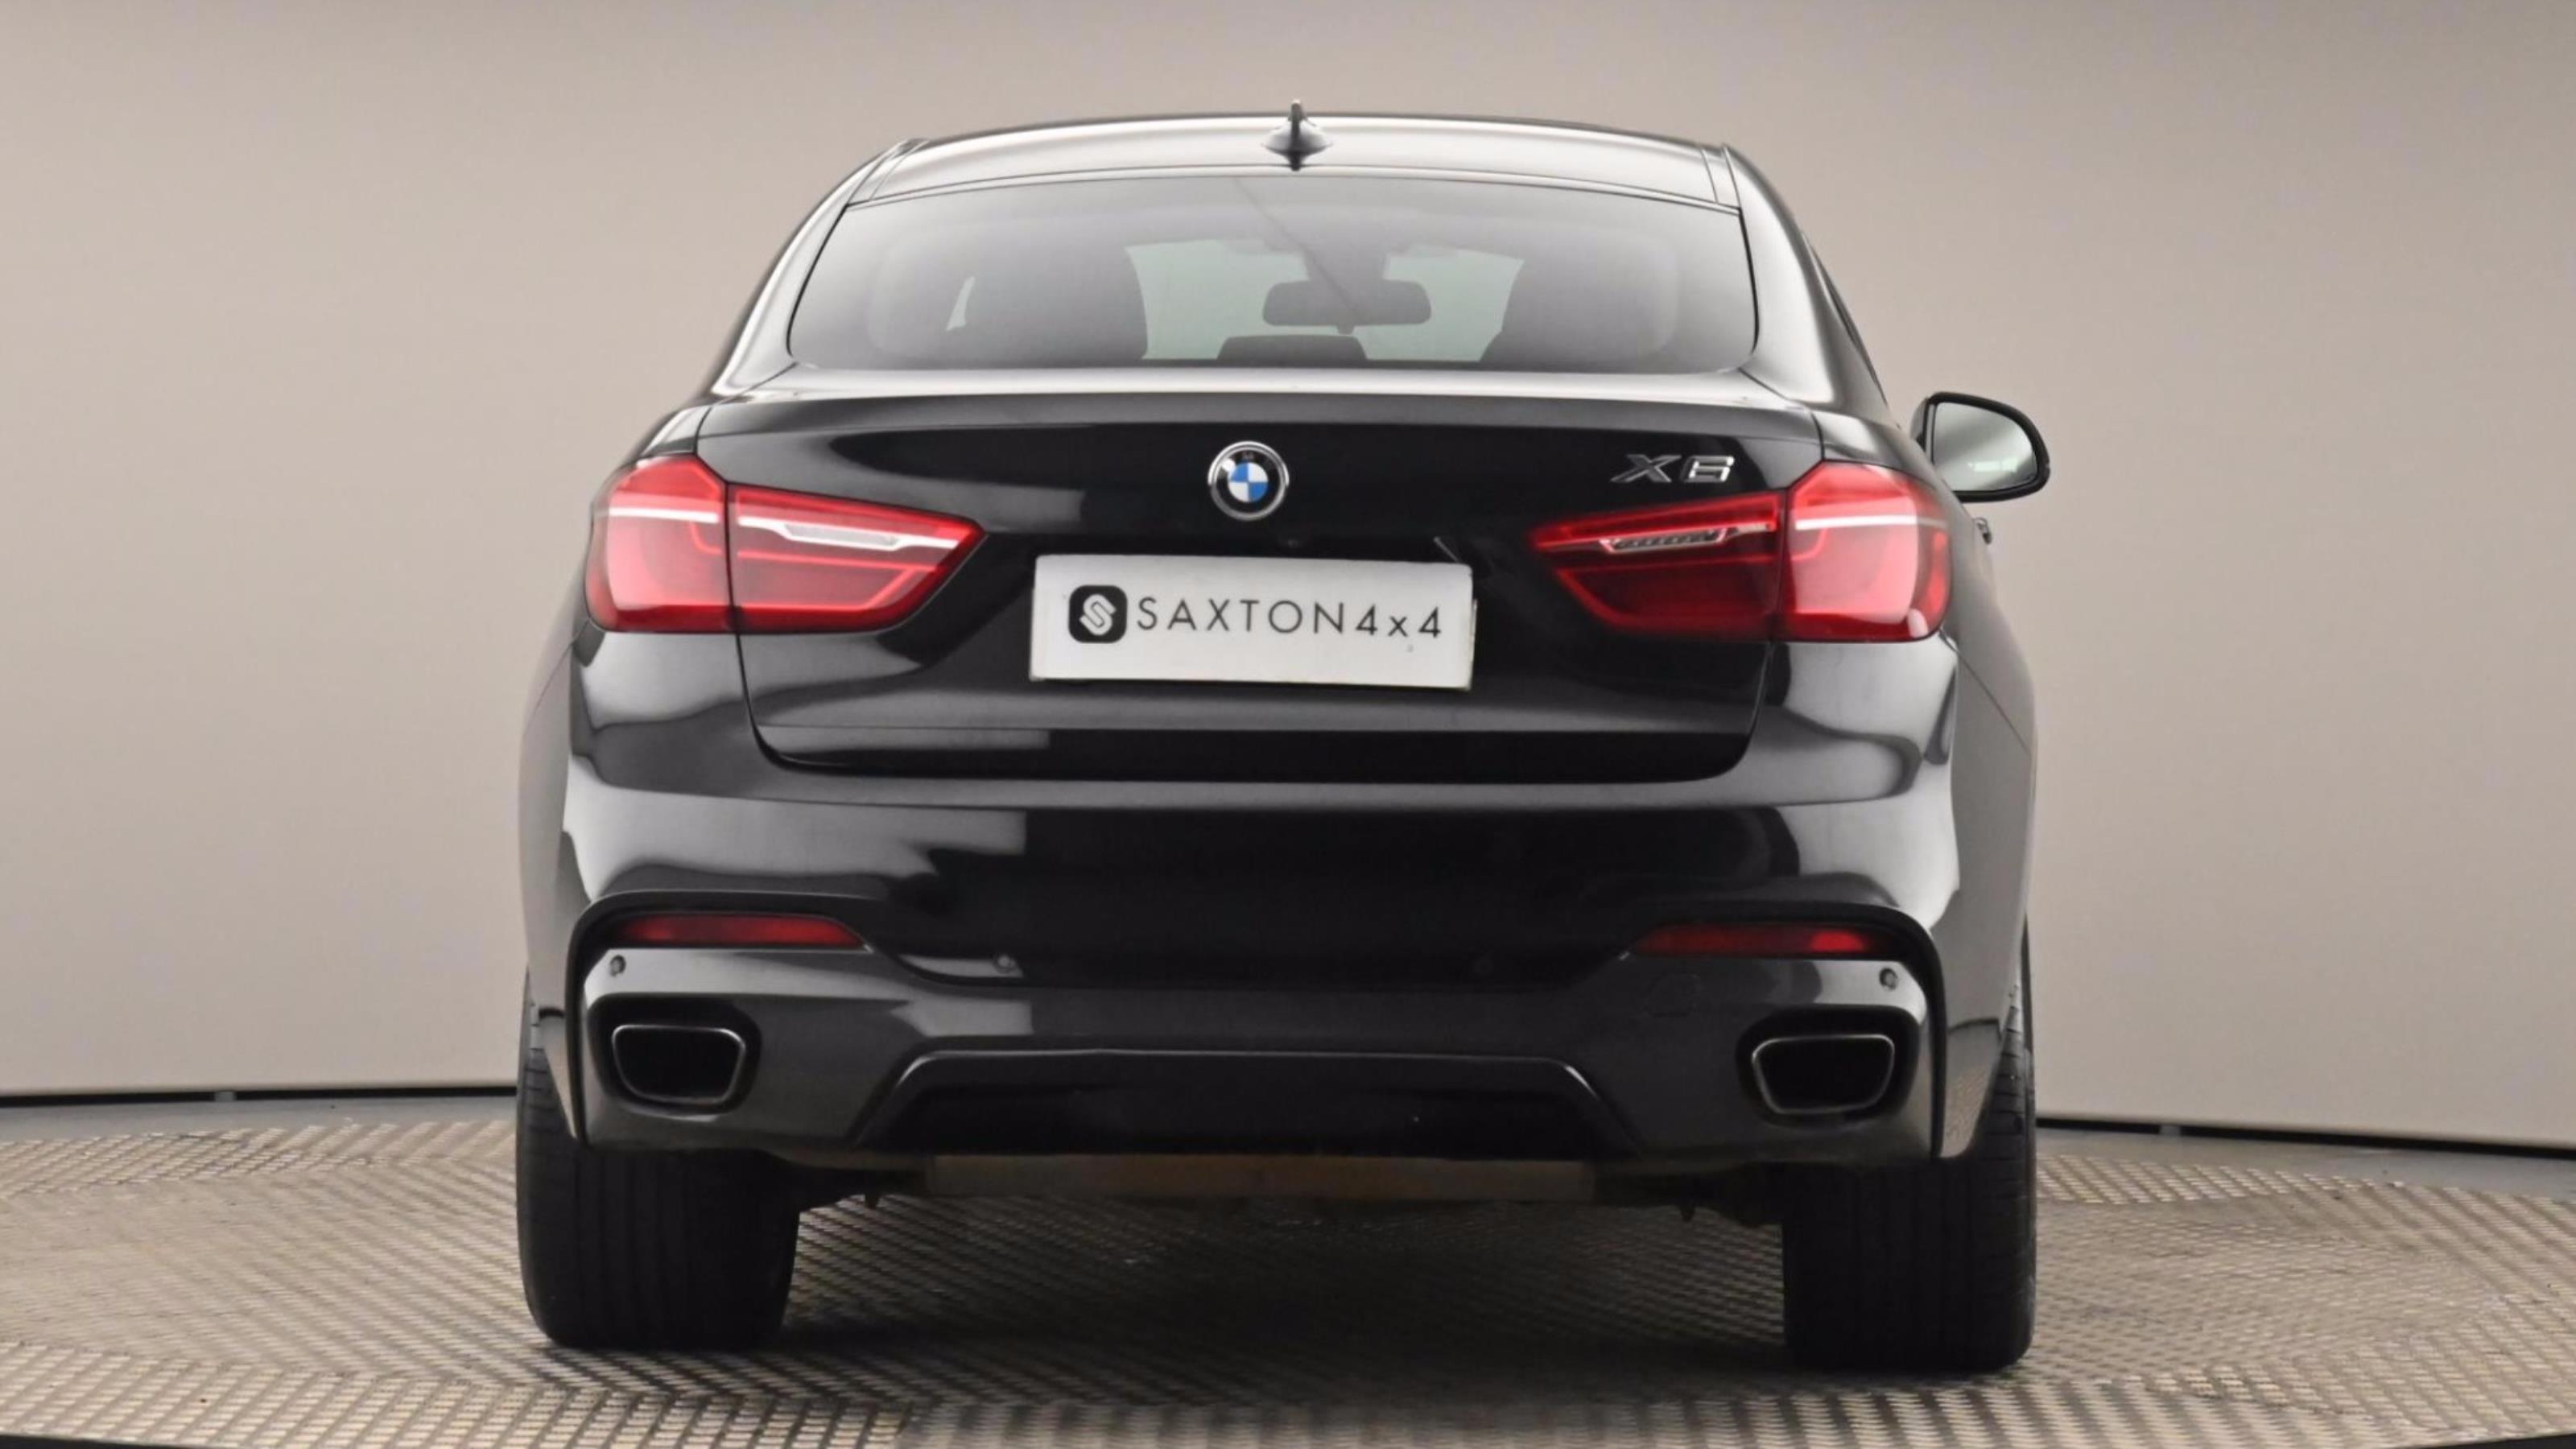 Used 2017 BMW X6 xDrive50i M Sport 5dr Step Auto BLACK at Saxton4x4